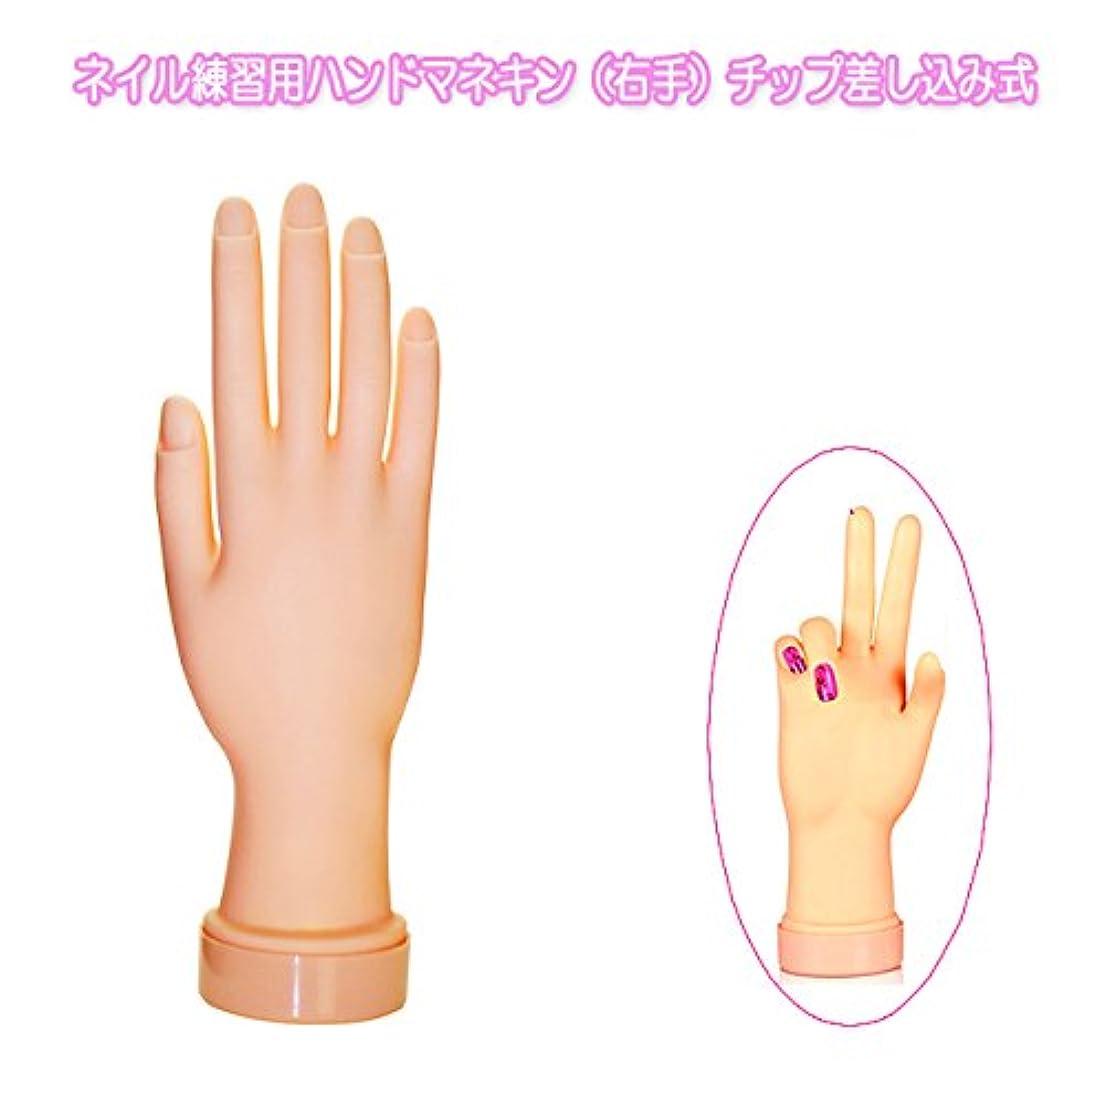 良性合法アルプスネイル練習用ハンドマネキン(右手)チップ差し込み式